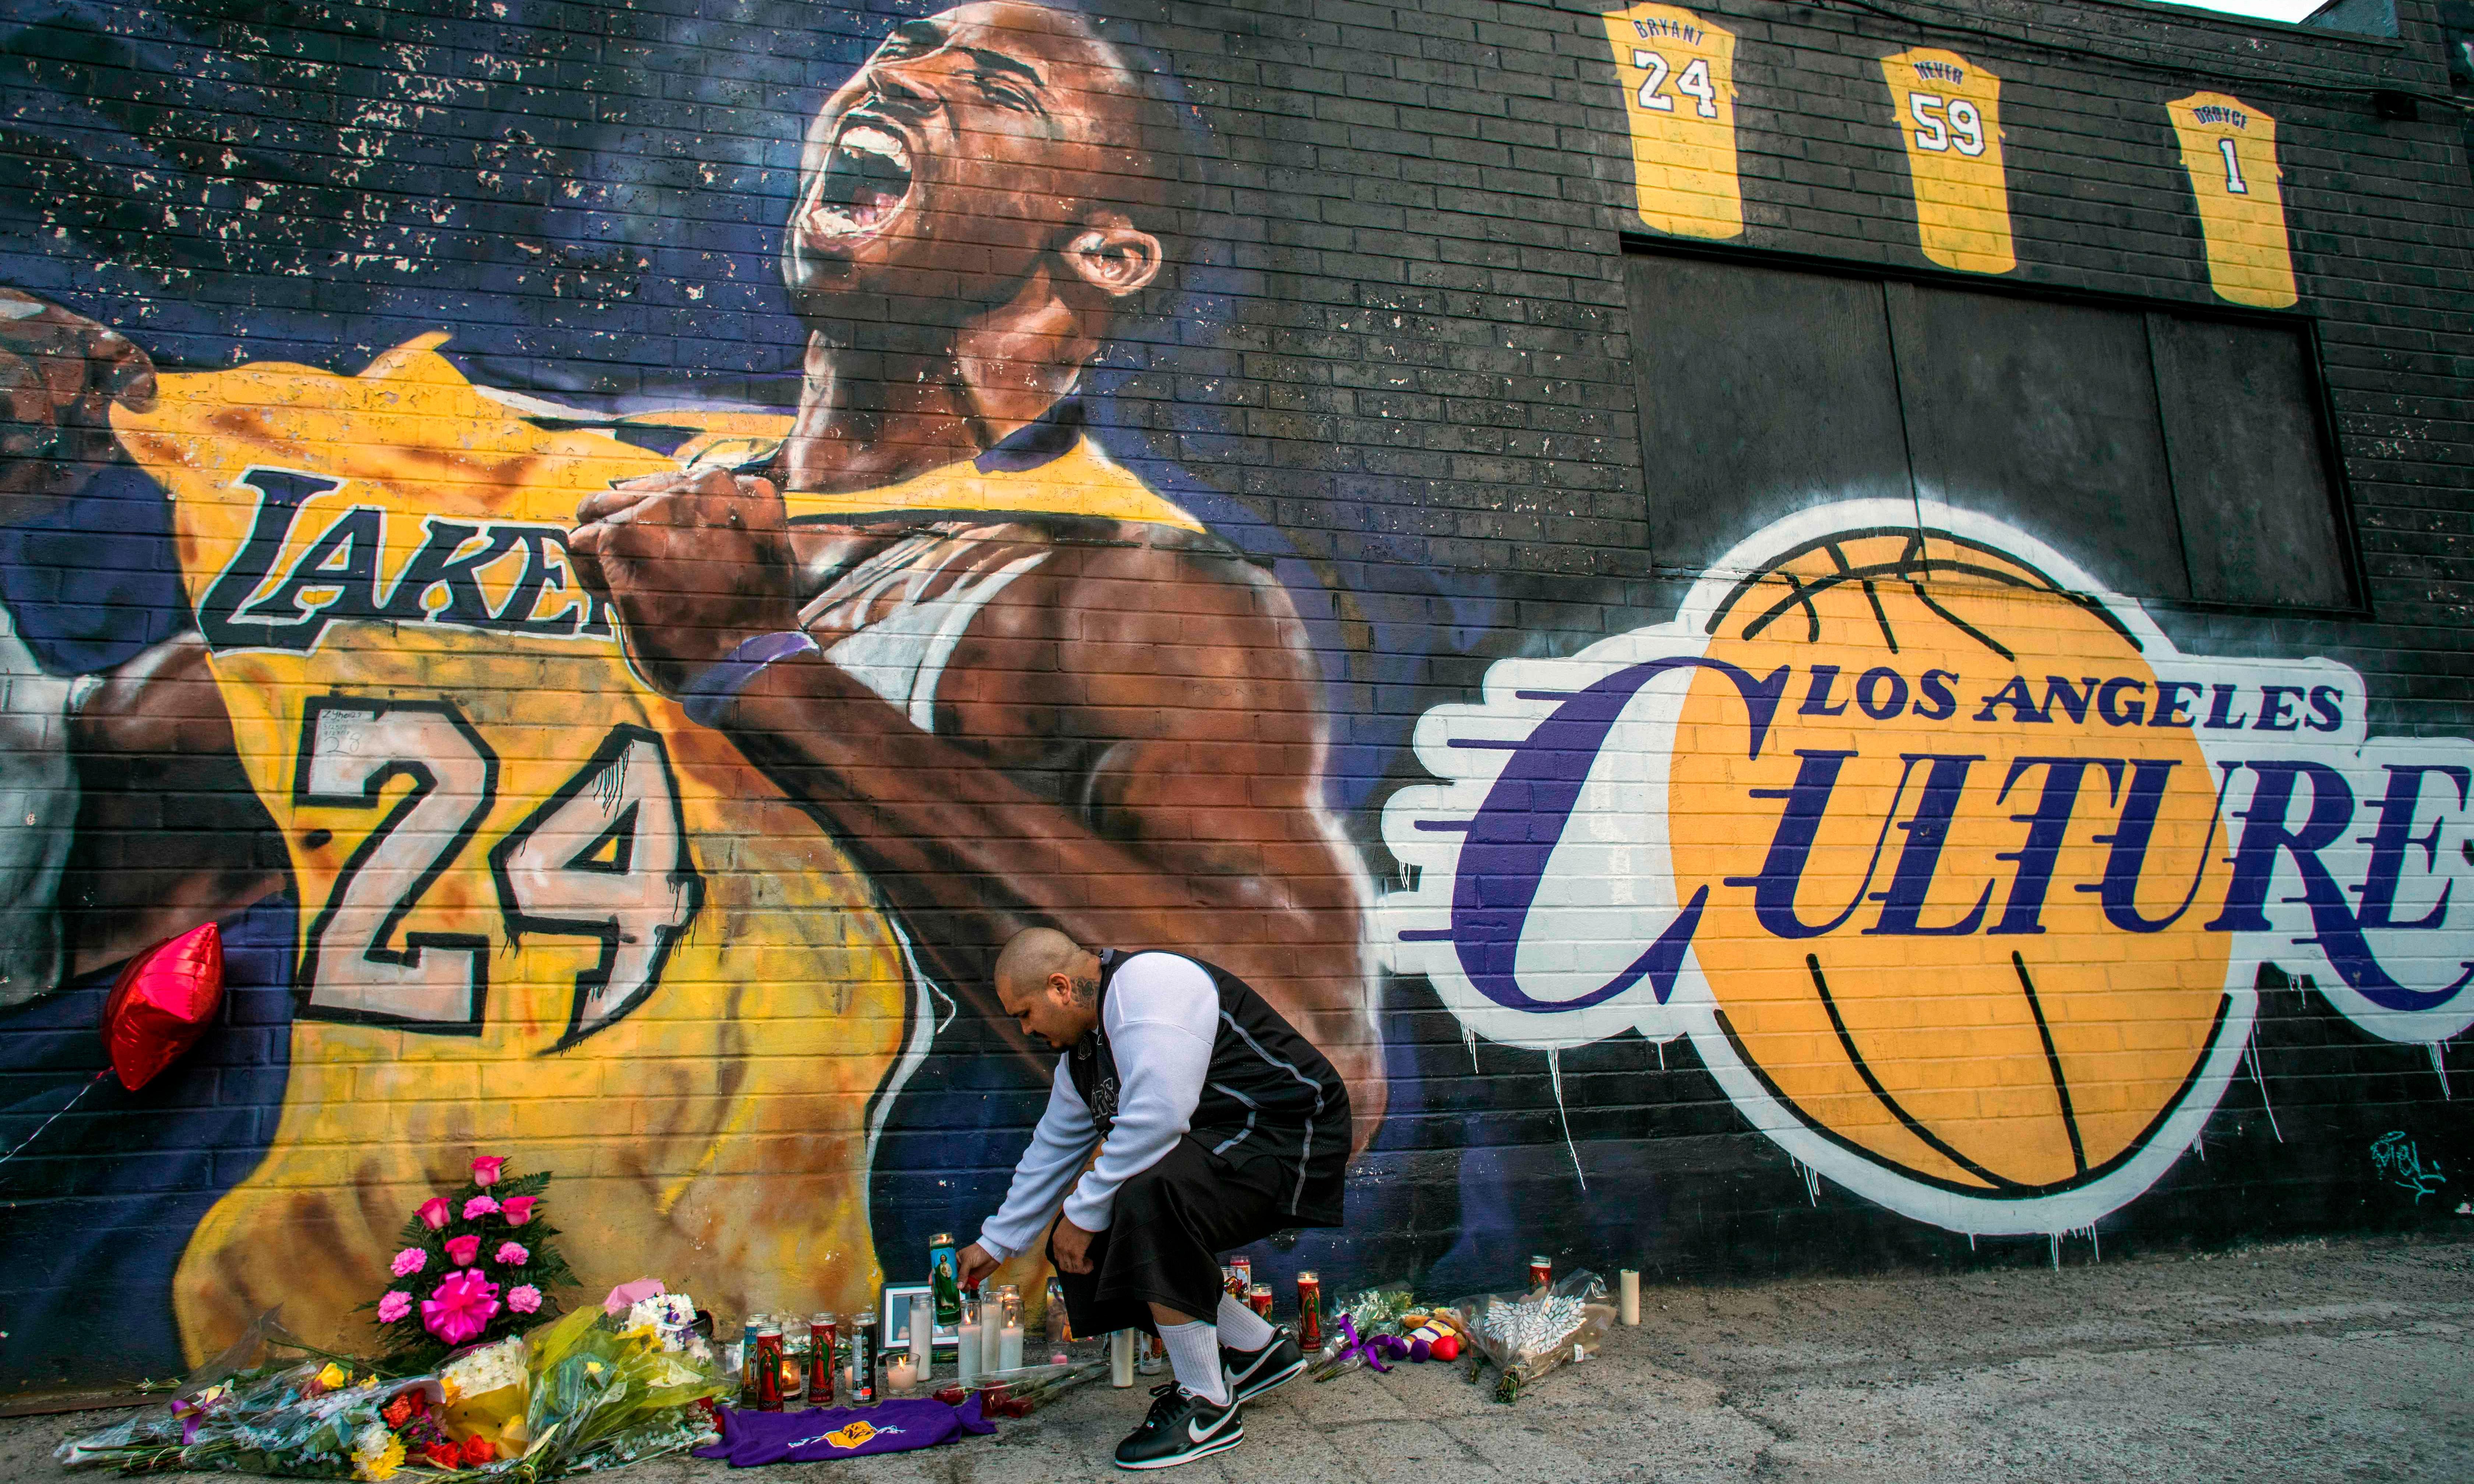 'Devastating': America mourns Kobe Bryant after death in helicopter crash